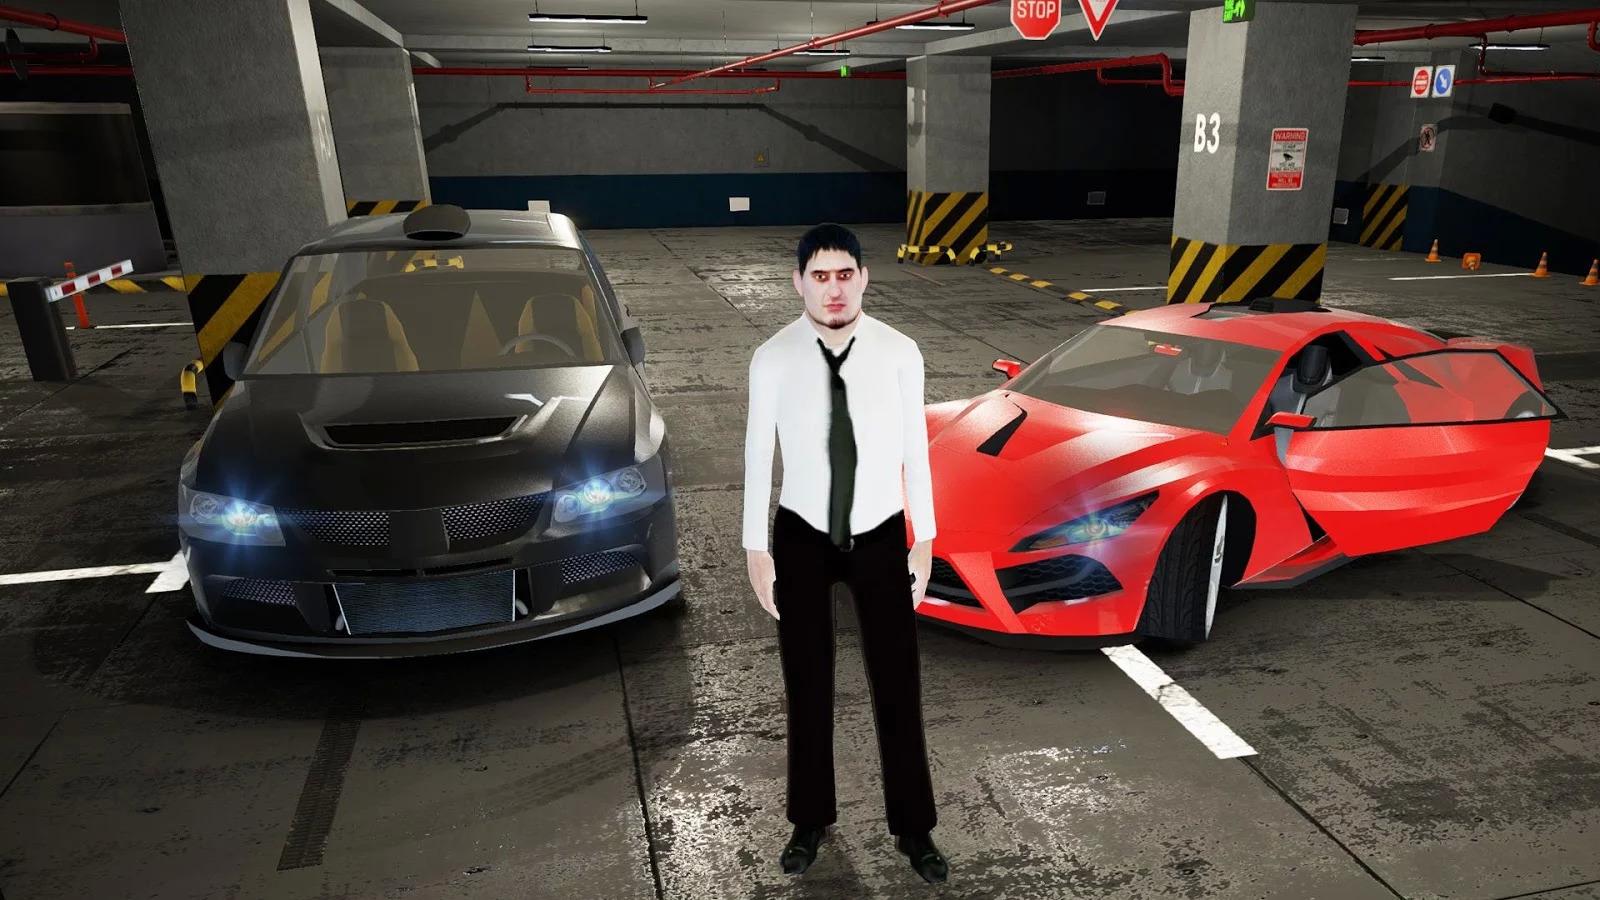 Valet Parking : Multi Level Car Parking Game Apk